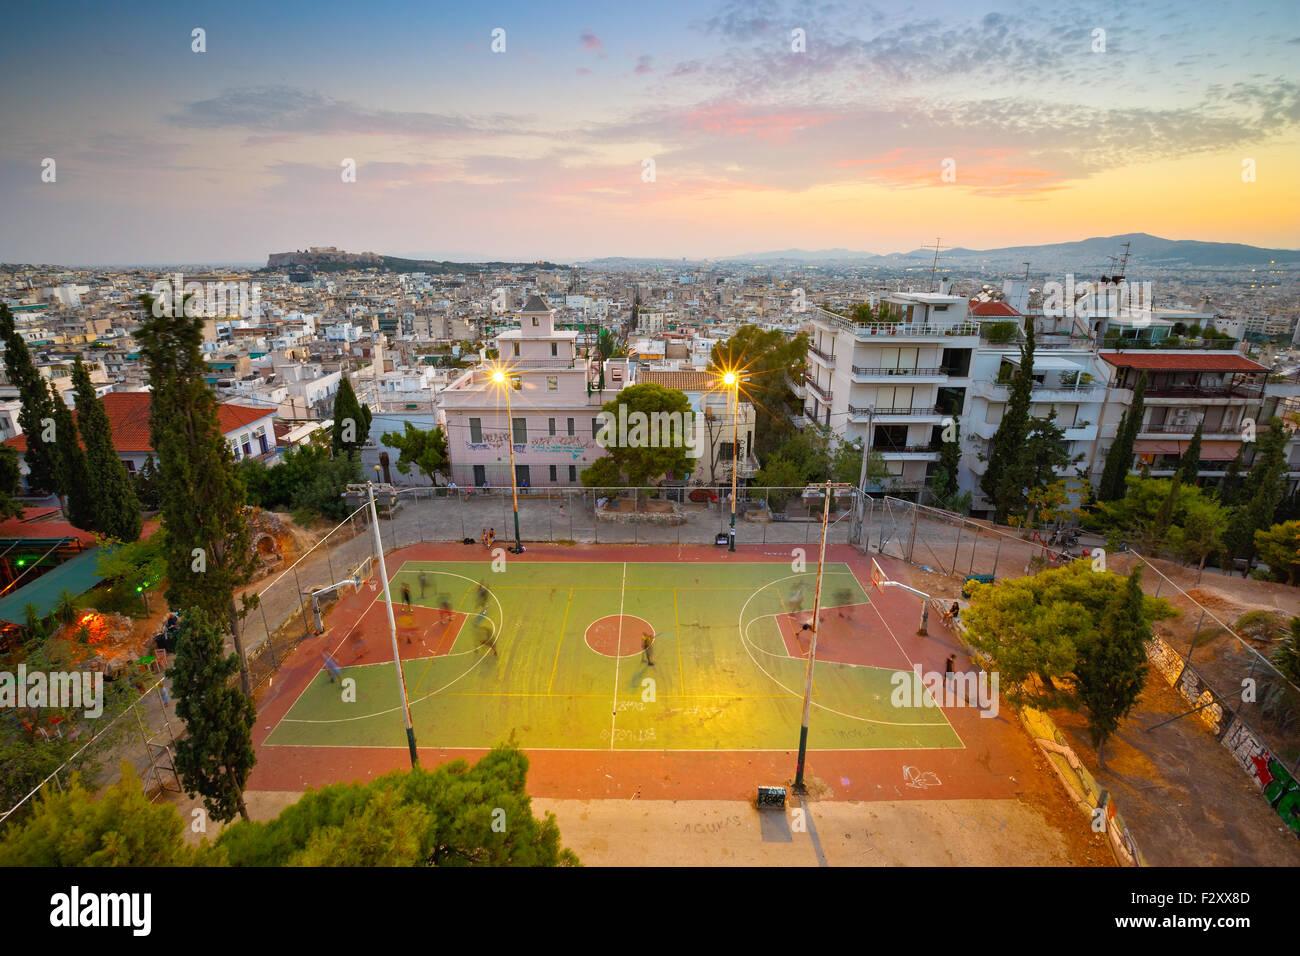 Vue d'Athènes et l'acropole de Strefi Hill. Aire de jeux de basket-ball dans l'avant-plan Photo Stock